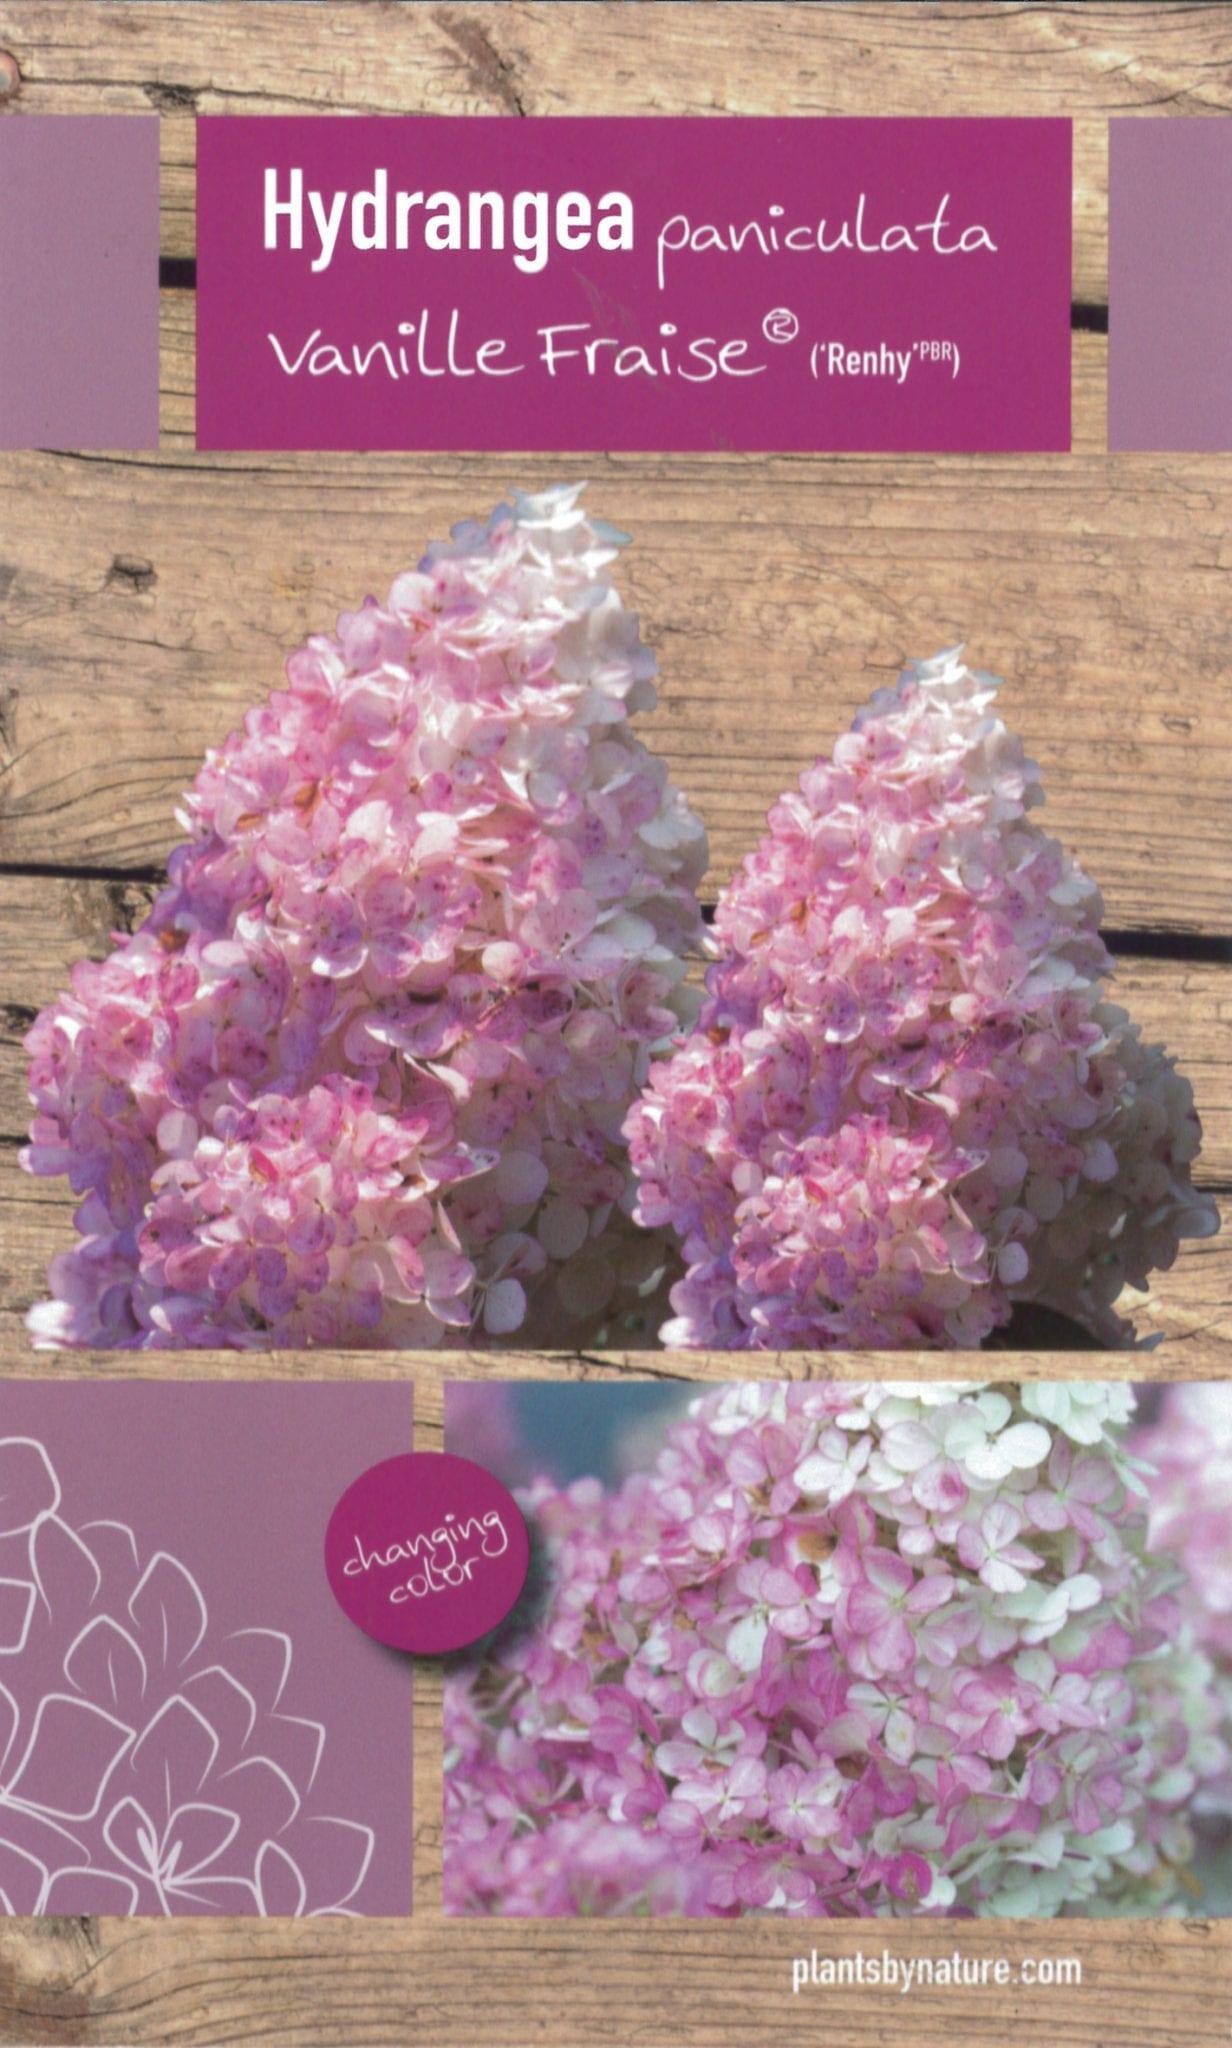 De Hydrangea paniculata 'Vanille Fraise (Renhy PBR)' etiket voorzijde | Plants By Nature - gespecialiseerd in hydrangea